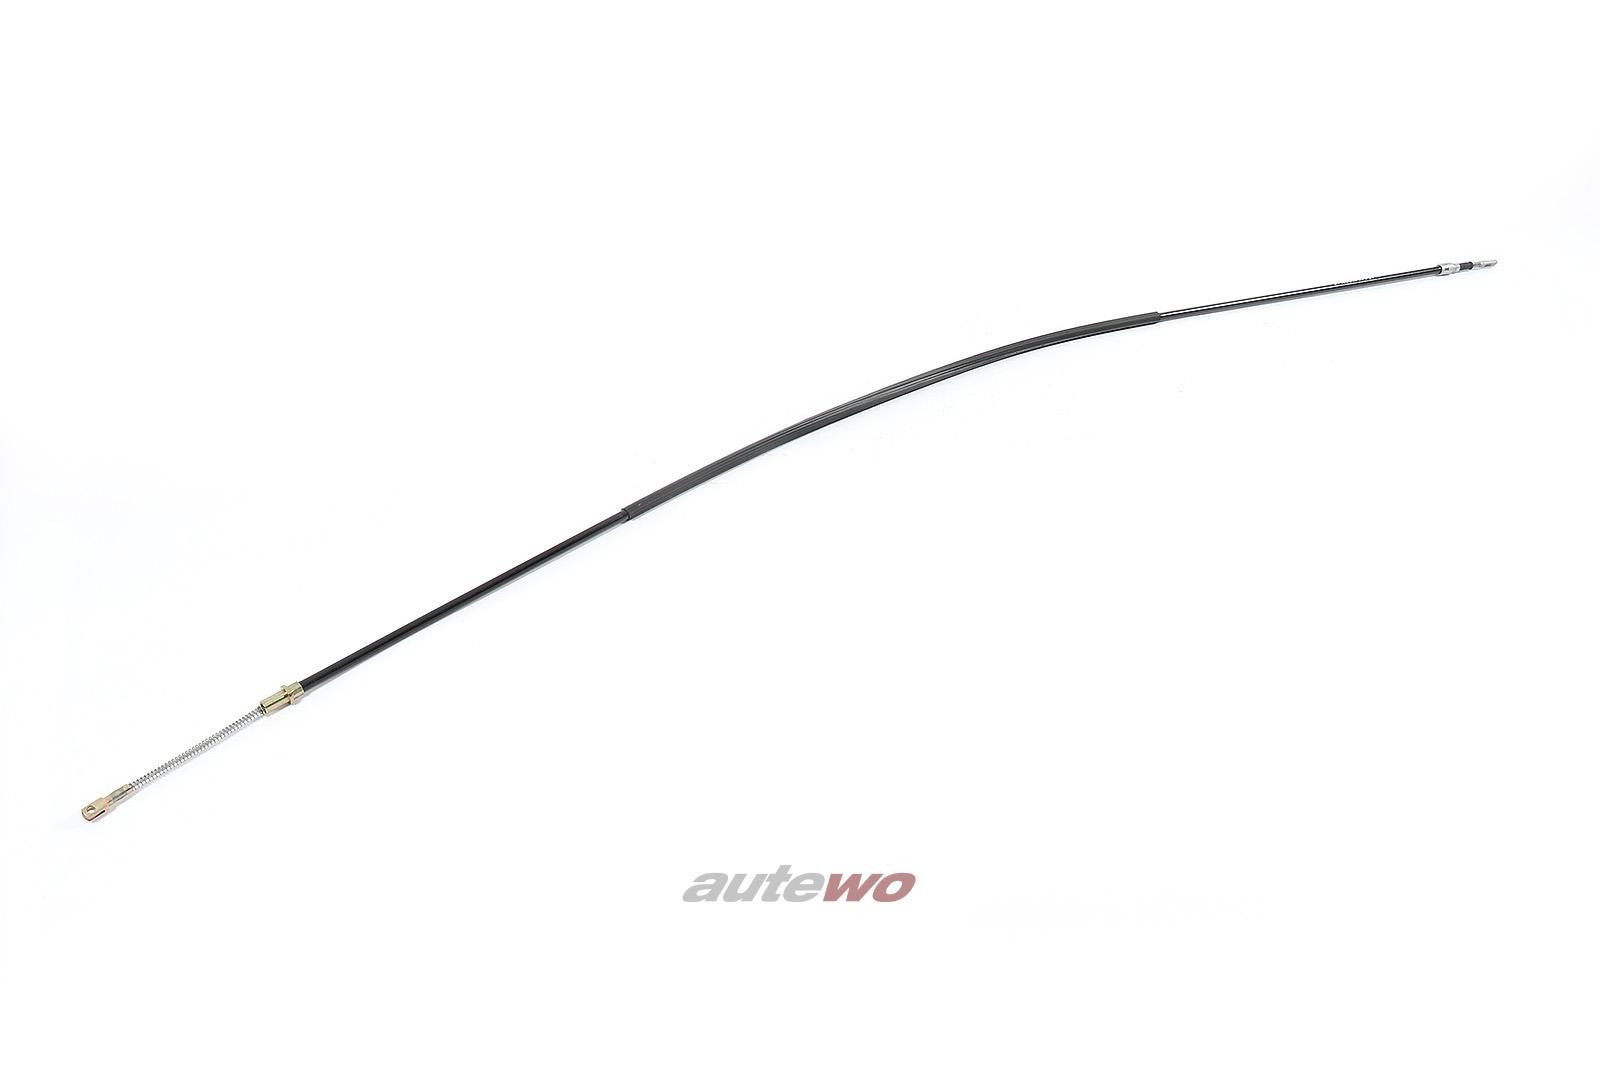 8A0609721AG NEU Audi RS2 P1 Handbremsseil/Bremszug Porsche Bremse Links/Rechts